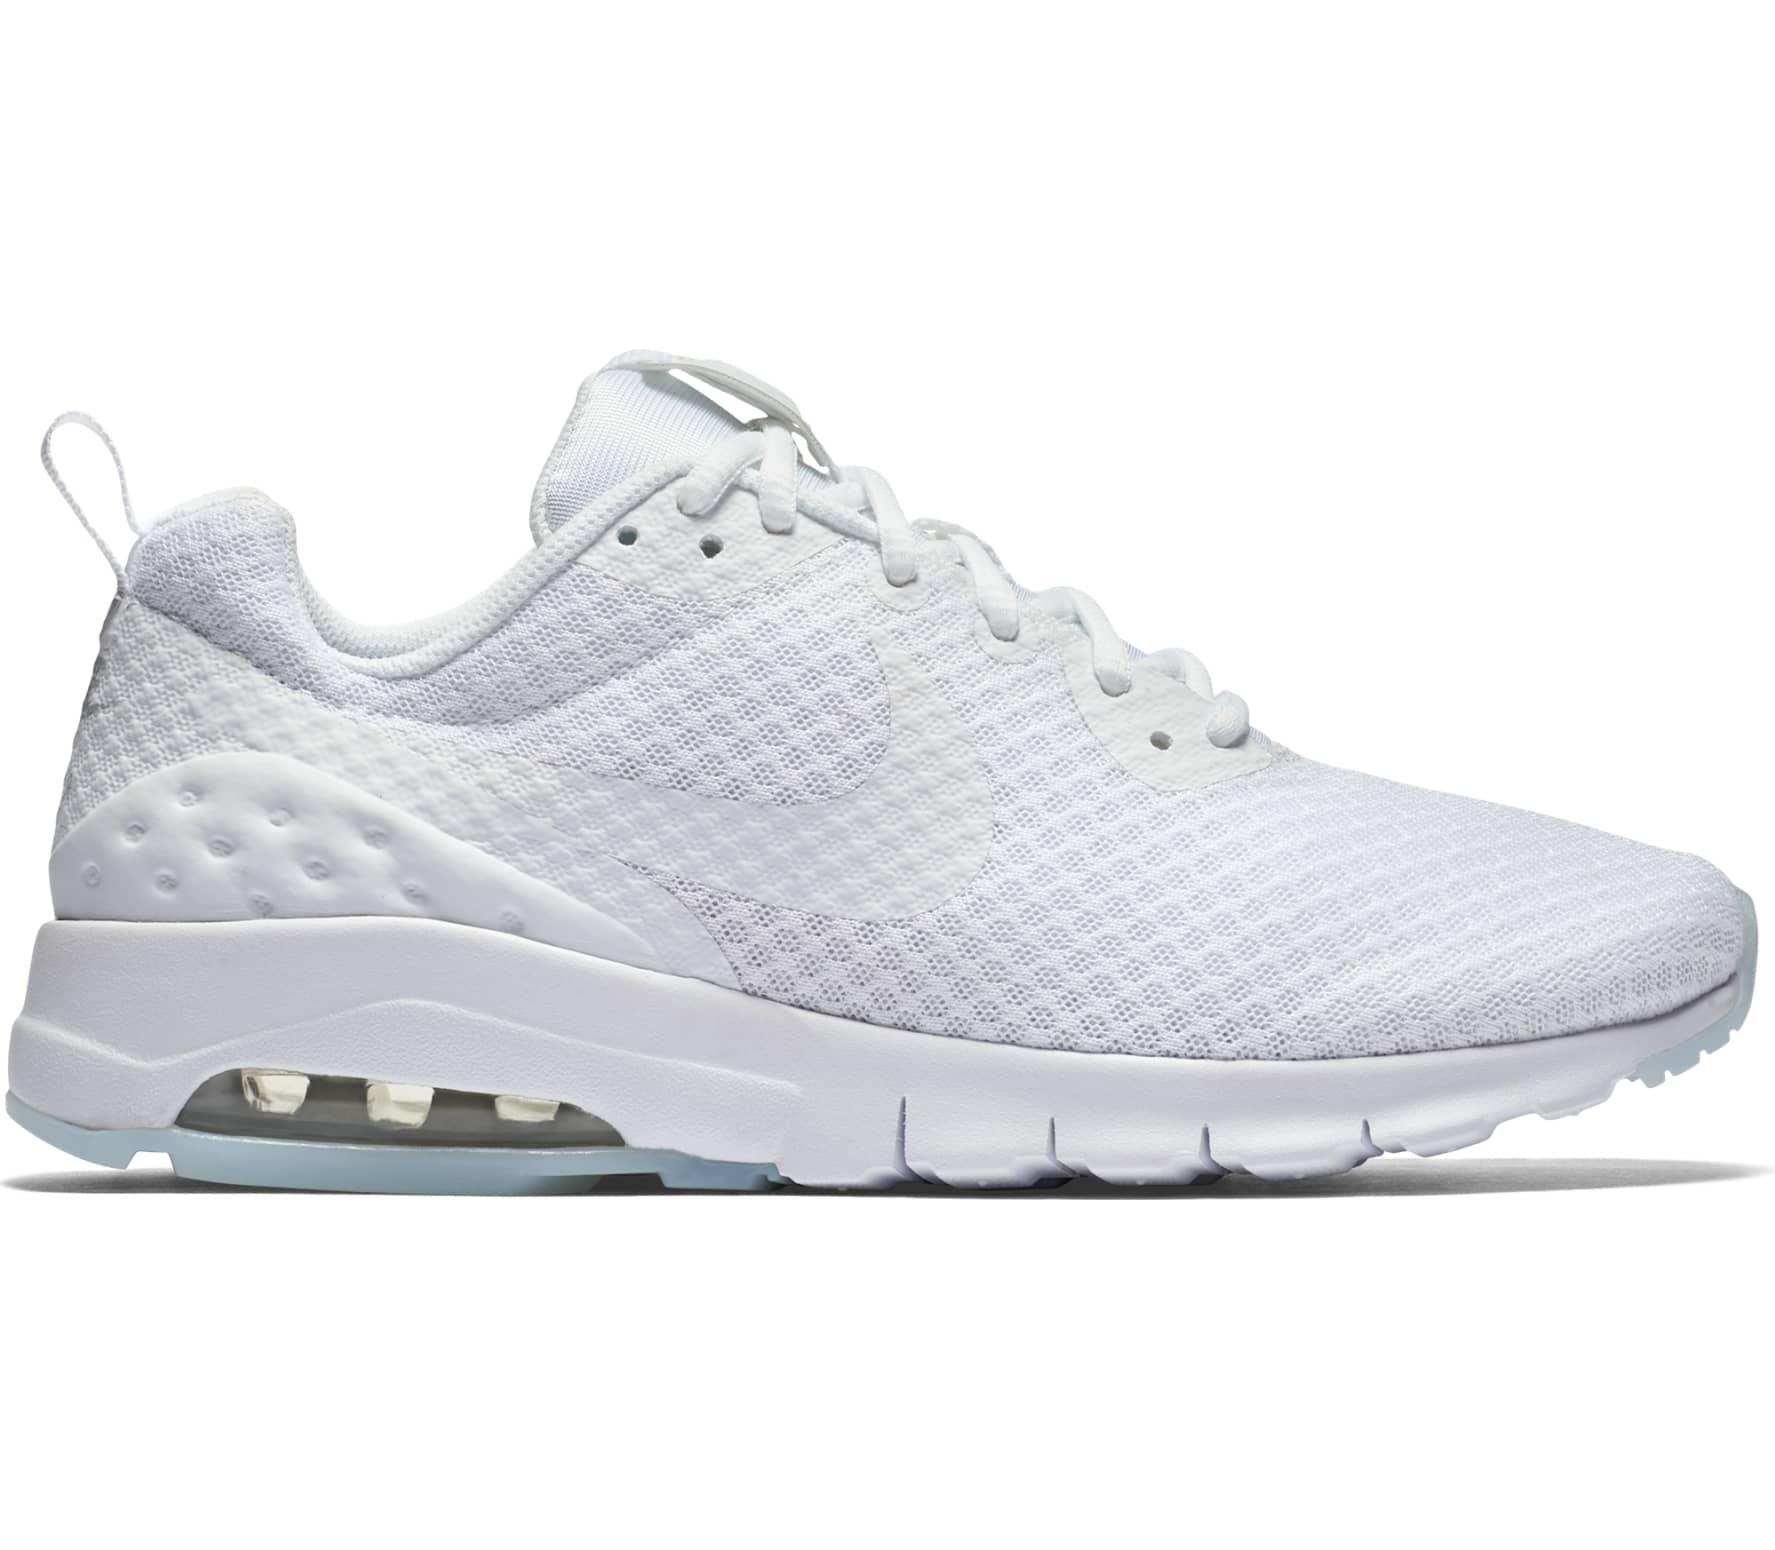 Nike AM16 UL Dam sneaker EU 38,5 US 7,5 vit